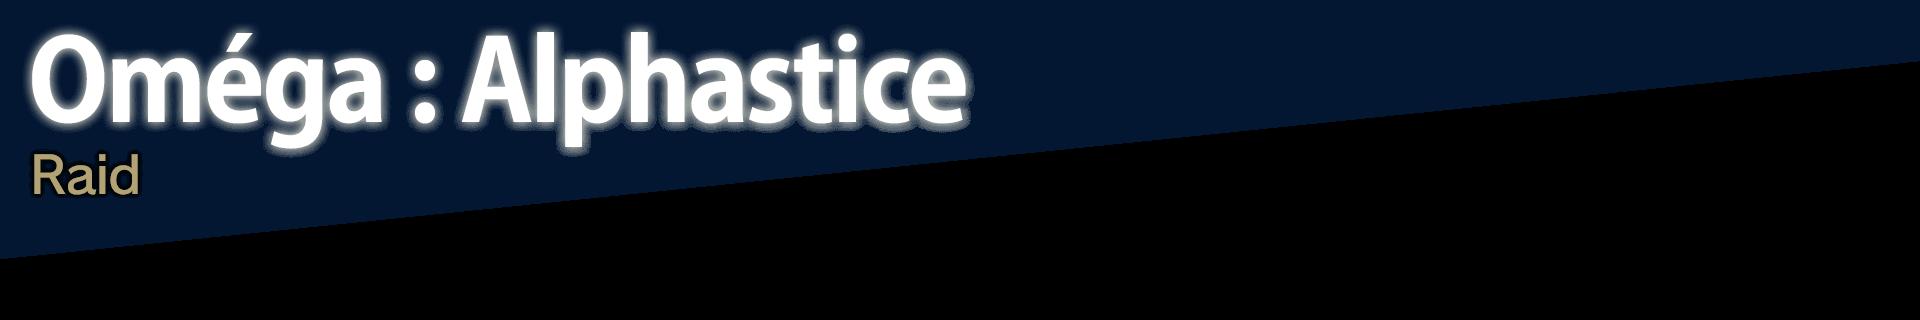 Oméga : Alphastice  Raid